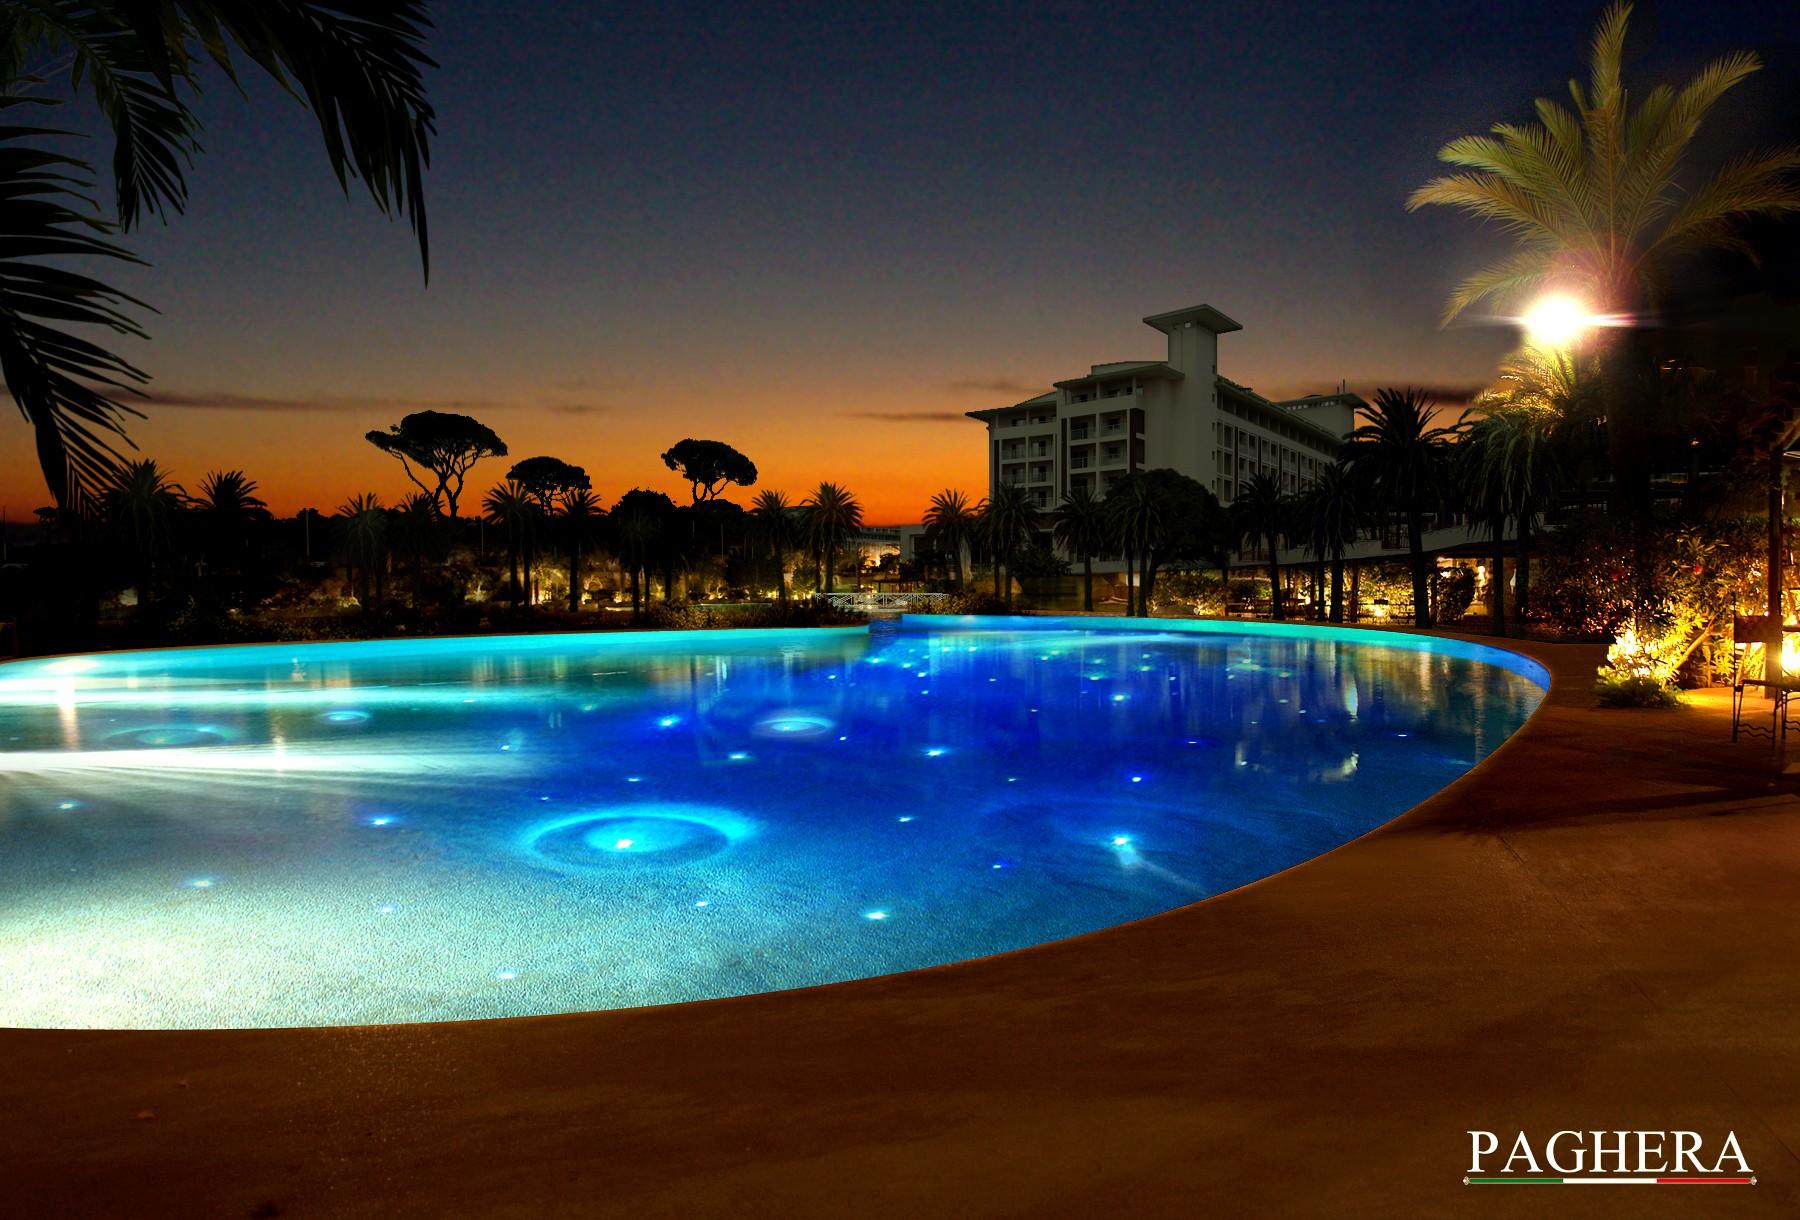 Rixos Premium Hotel Belek - Antalya Turkey - مجموعه های توریستی